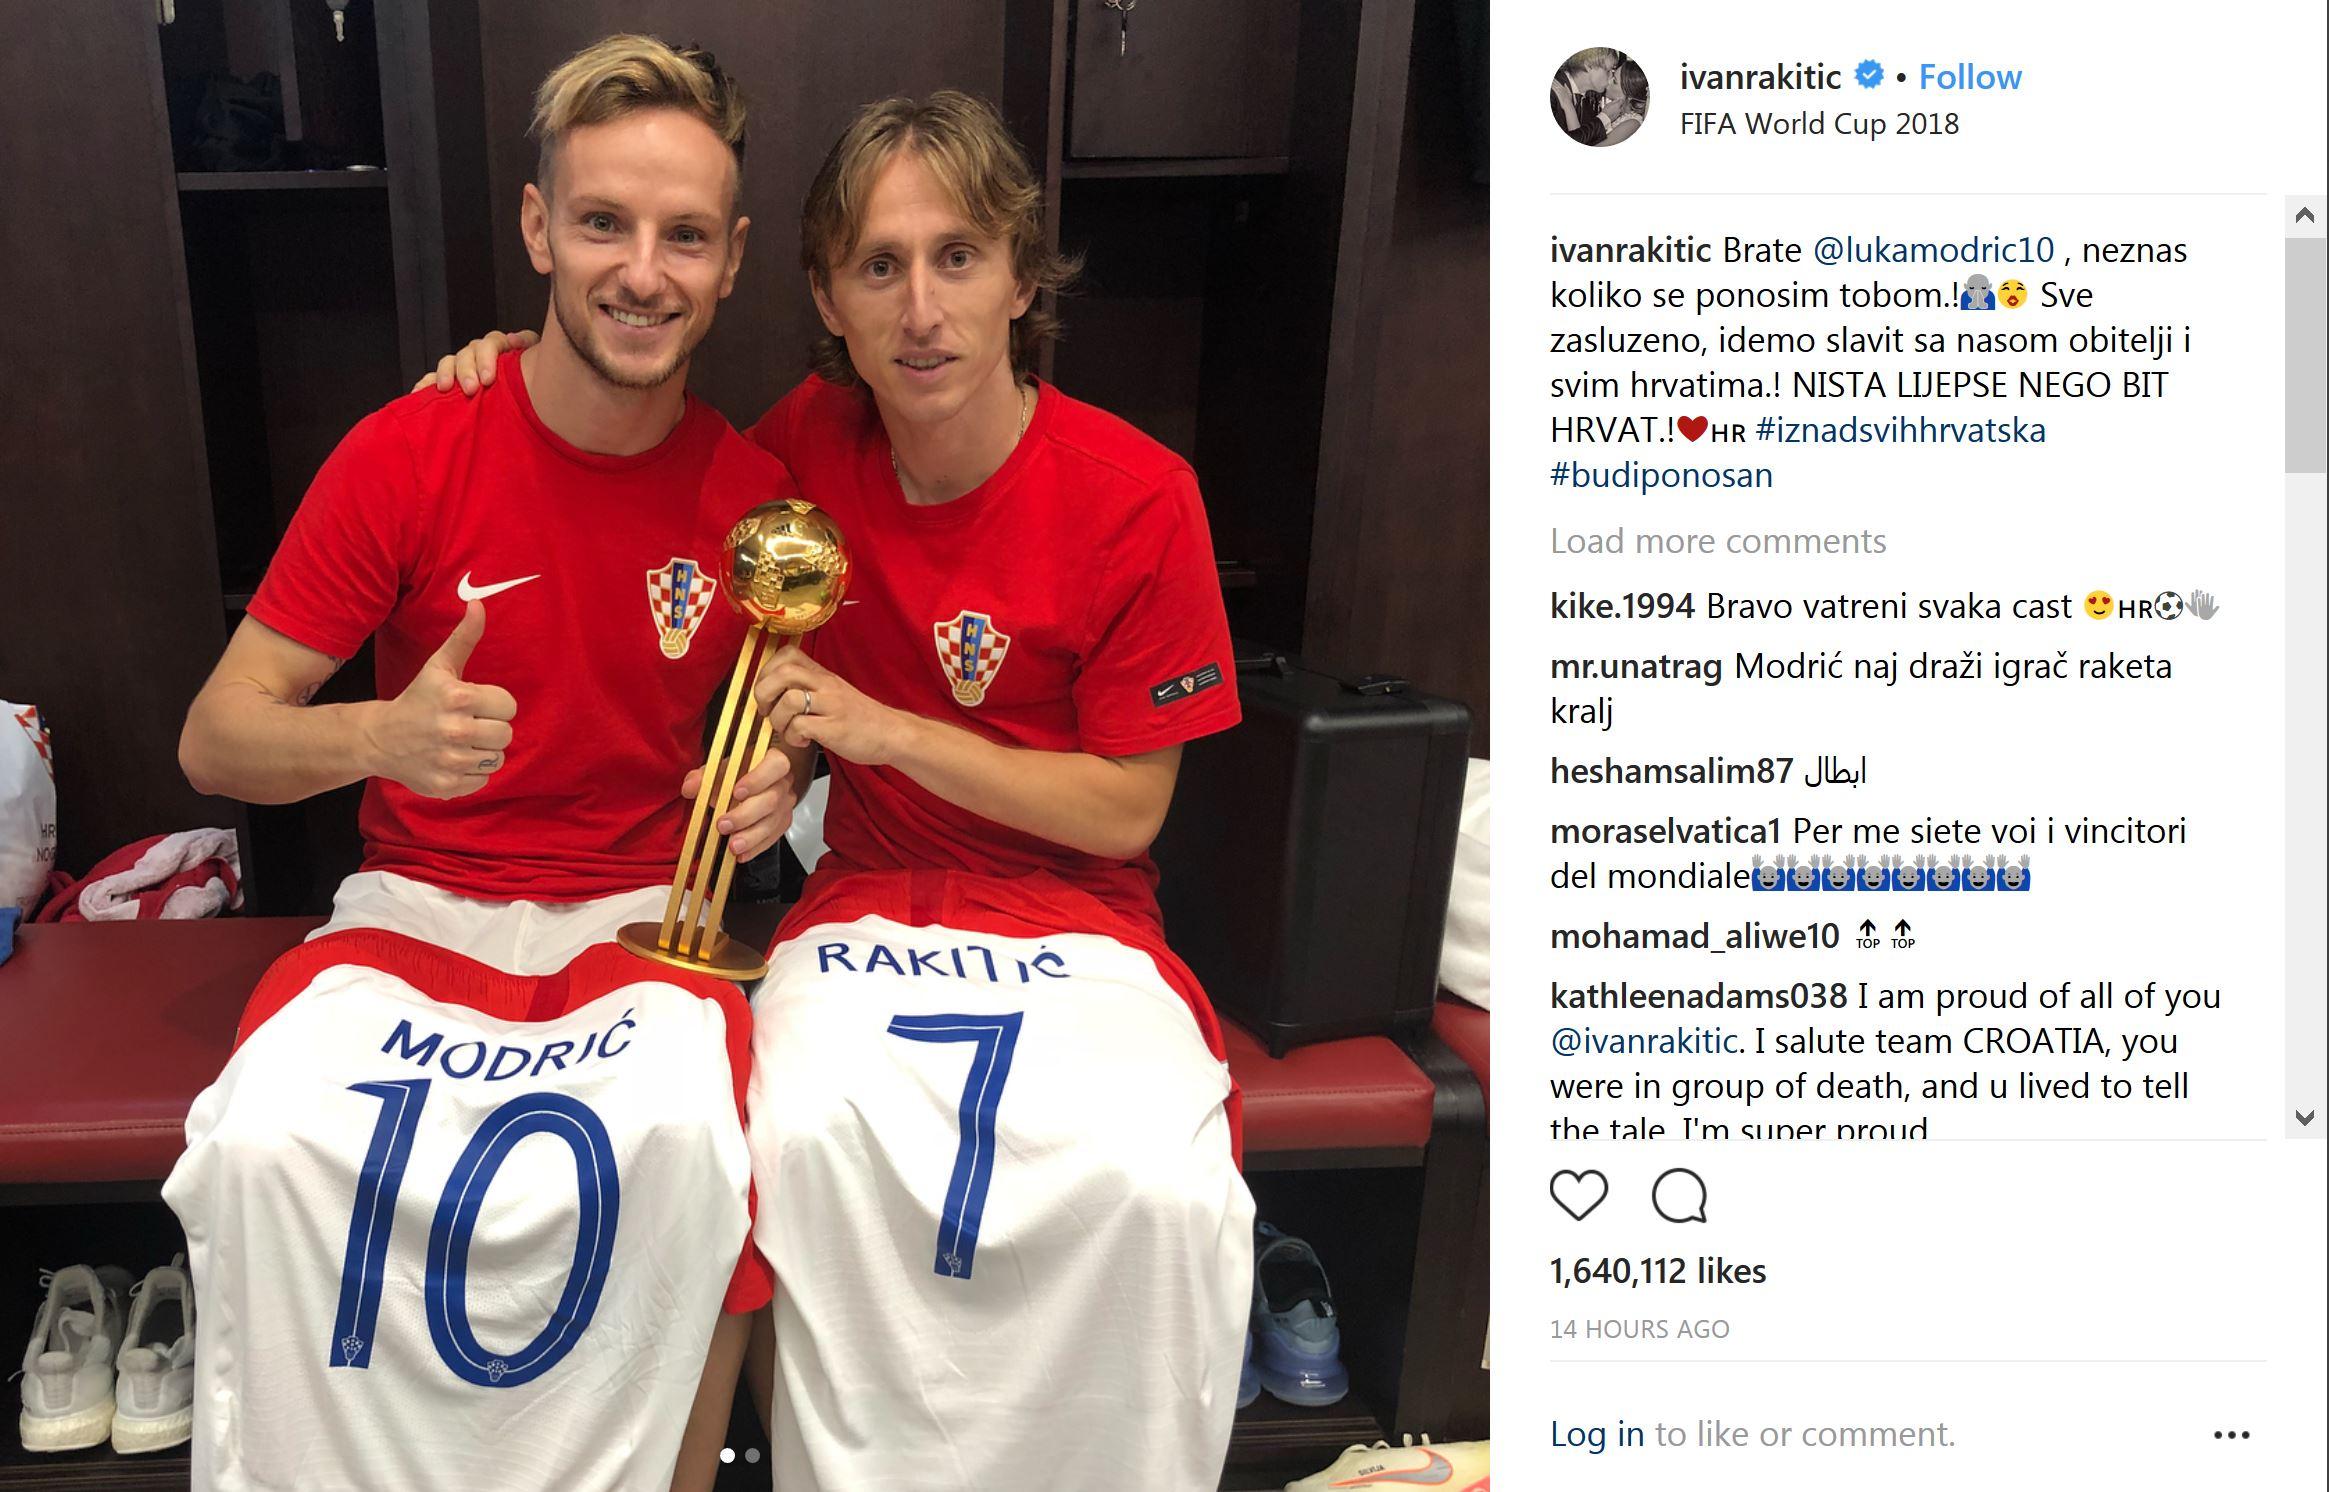 اتحاد ستاره های رئال و بارسا پس از جام تاریخی+عکس